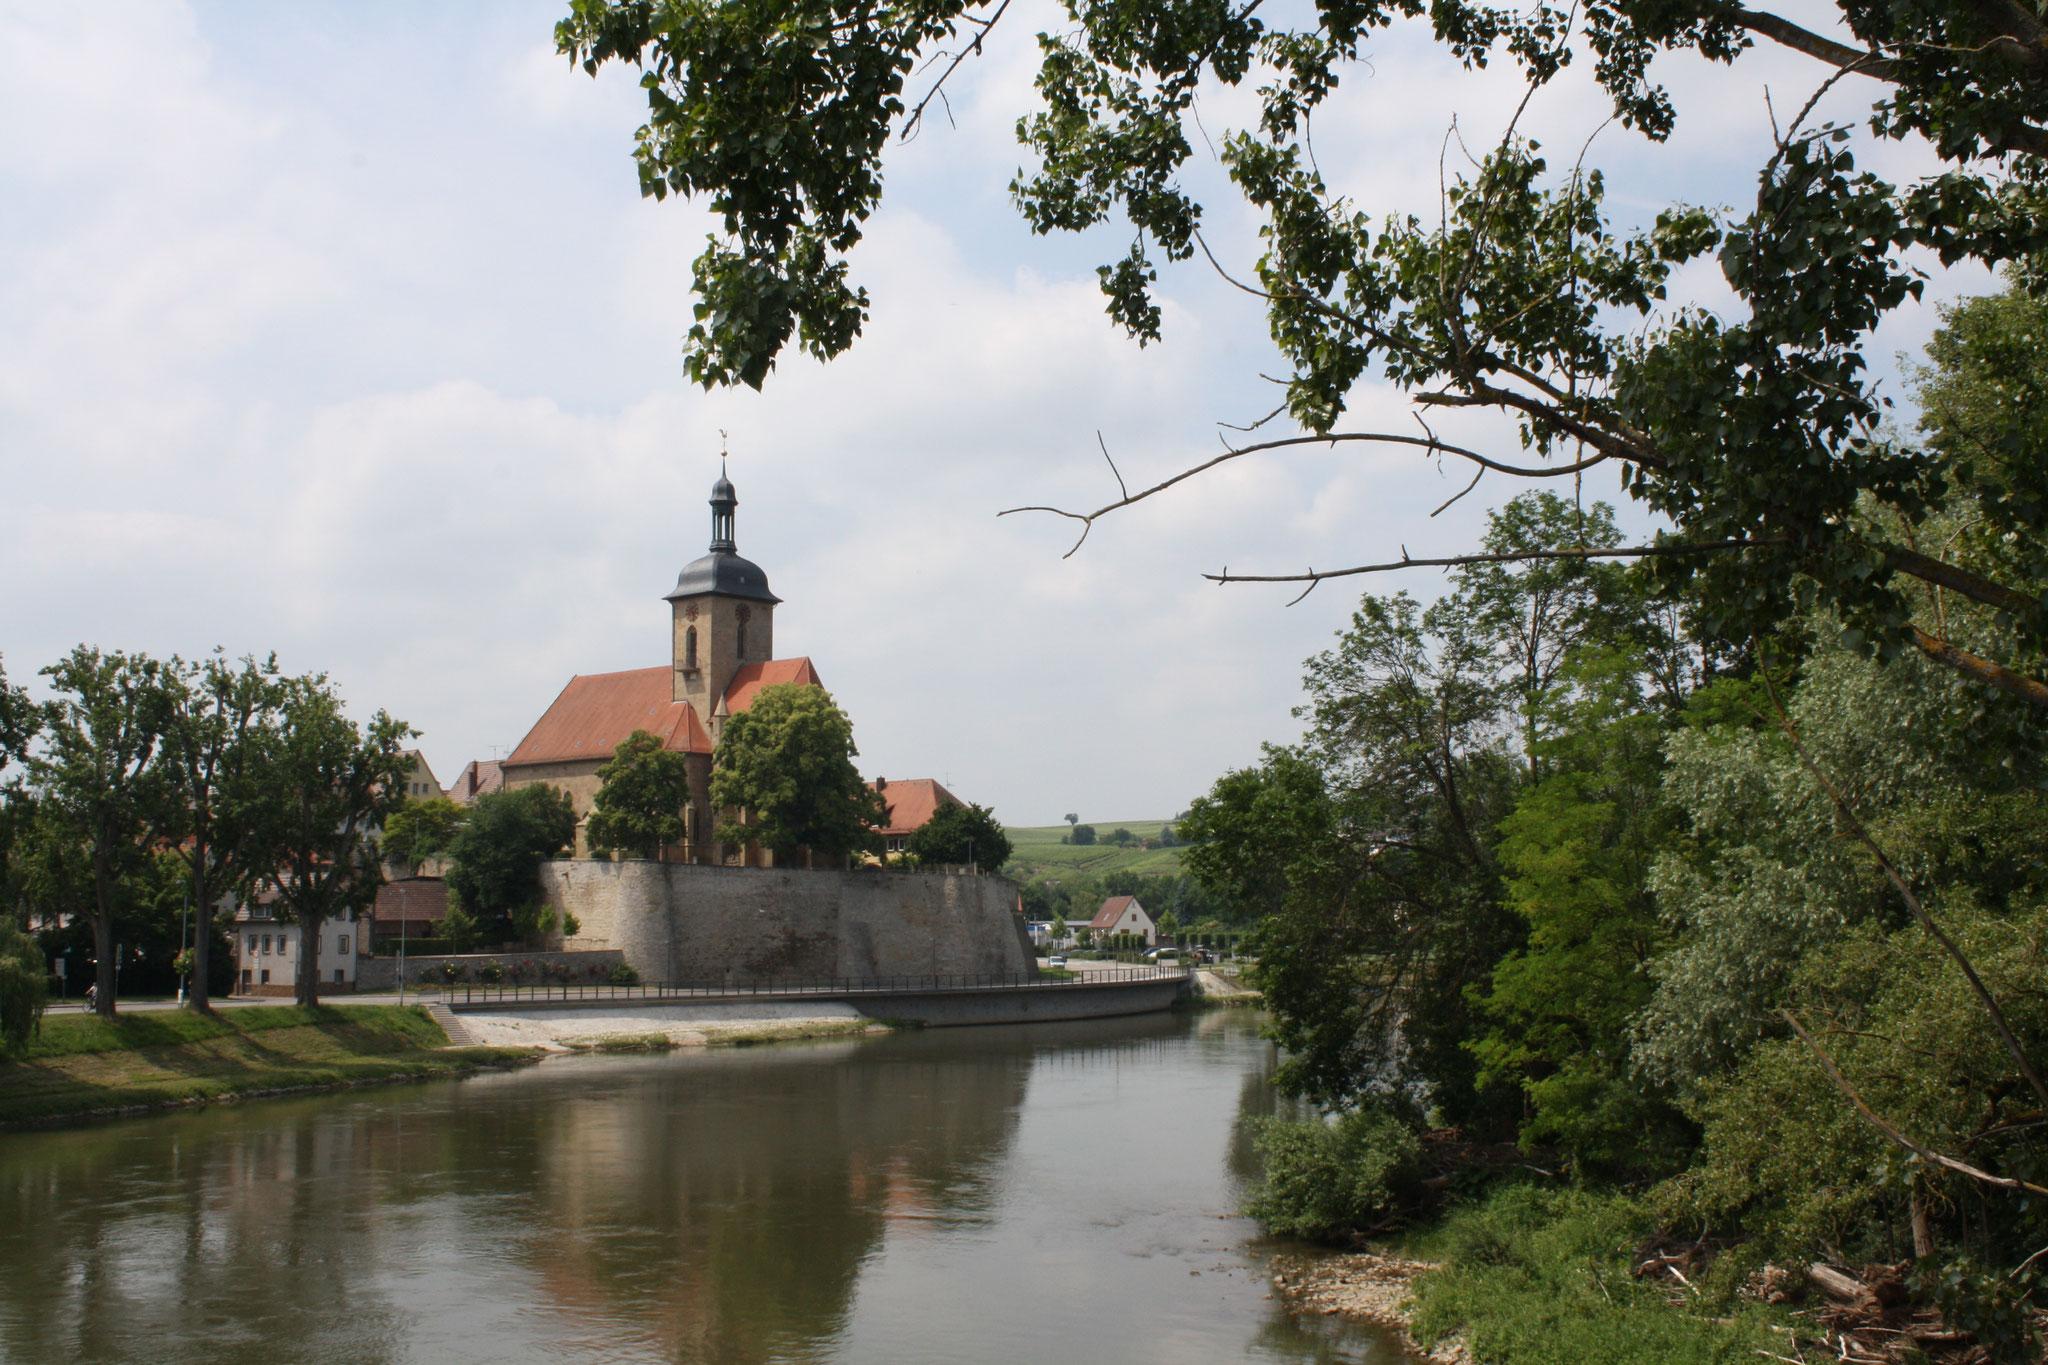 Die Regiswindiskirche in Lauffen a.N.